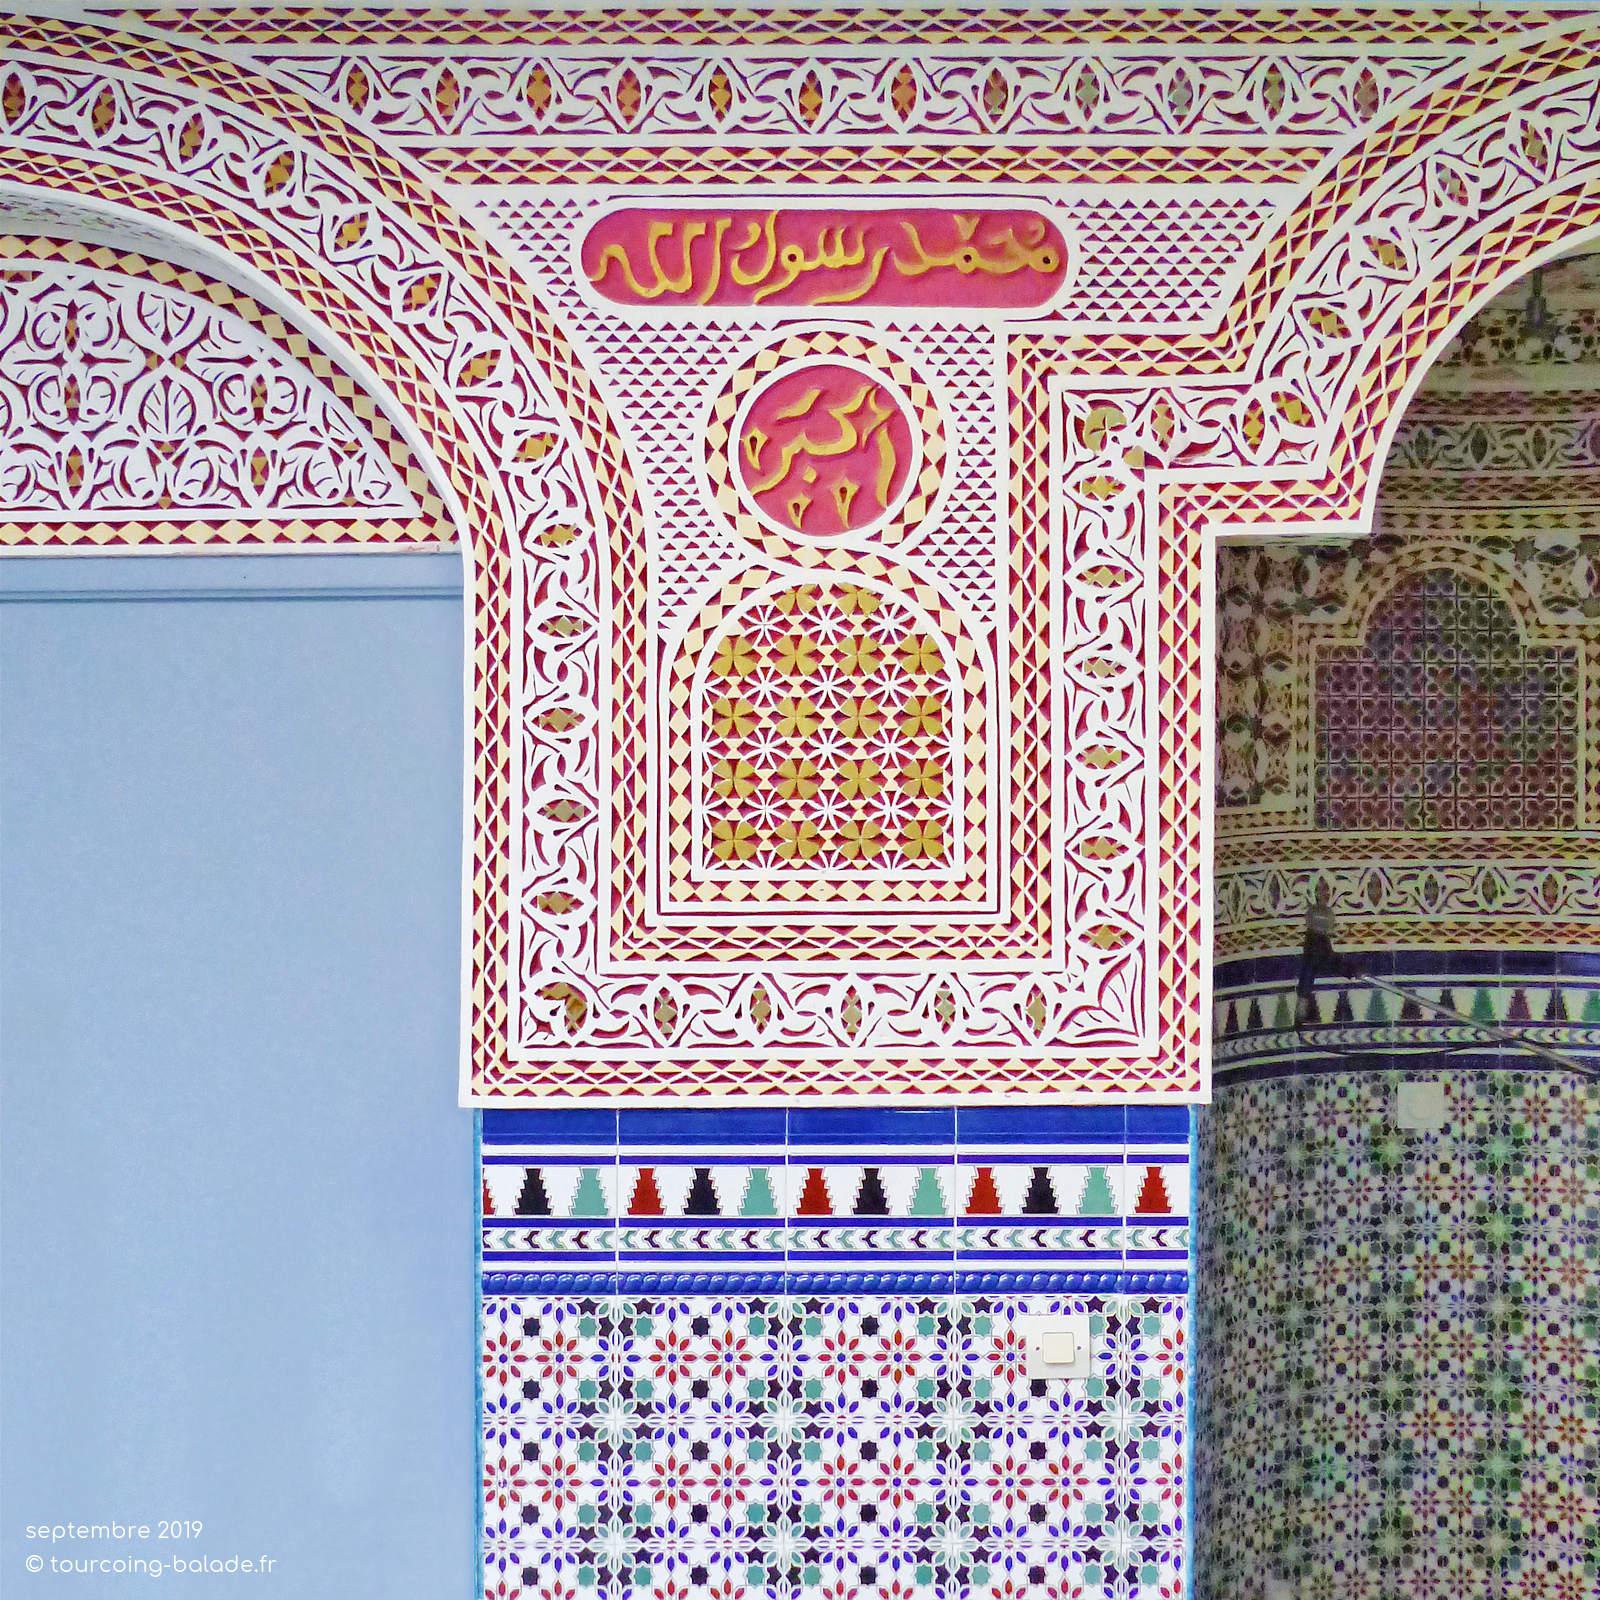 Mosquée Assalam Tourcoing - Motifs géométriques